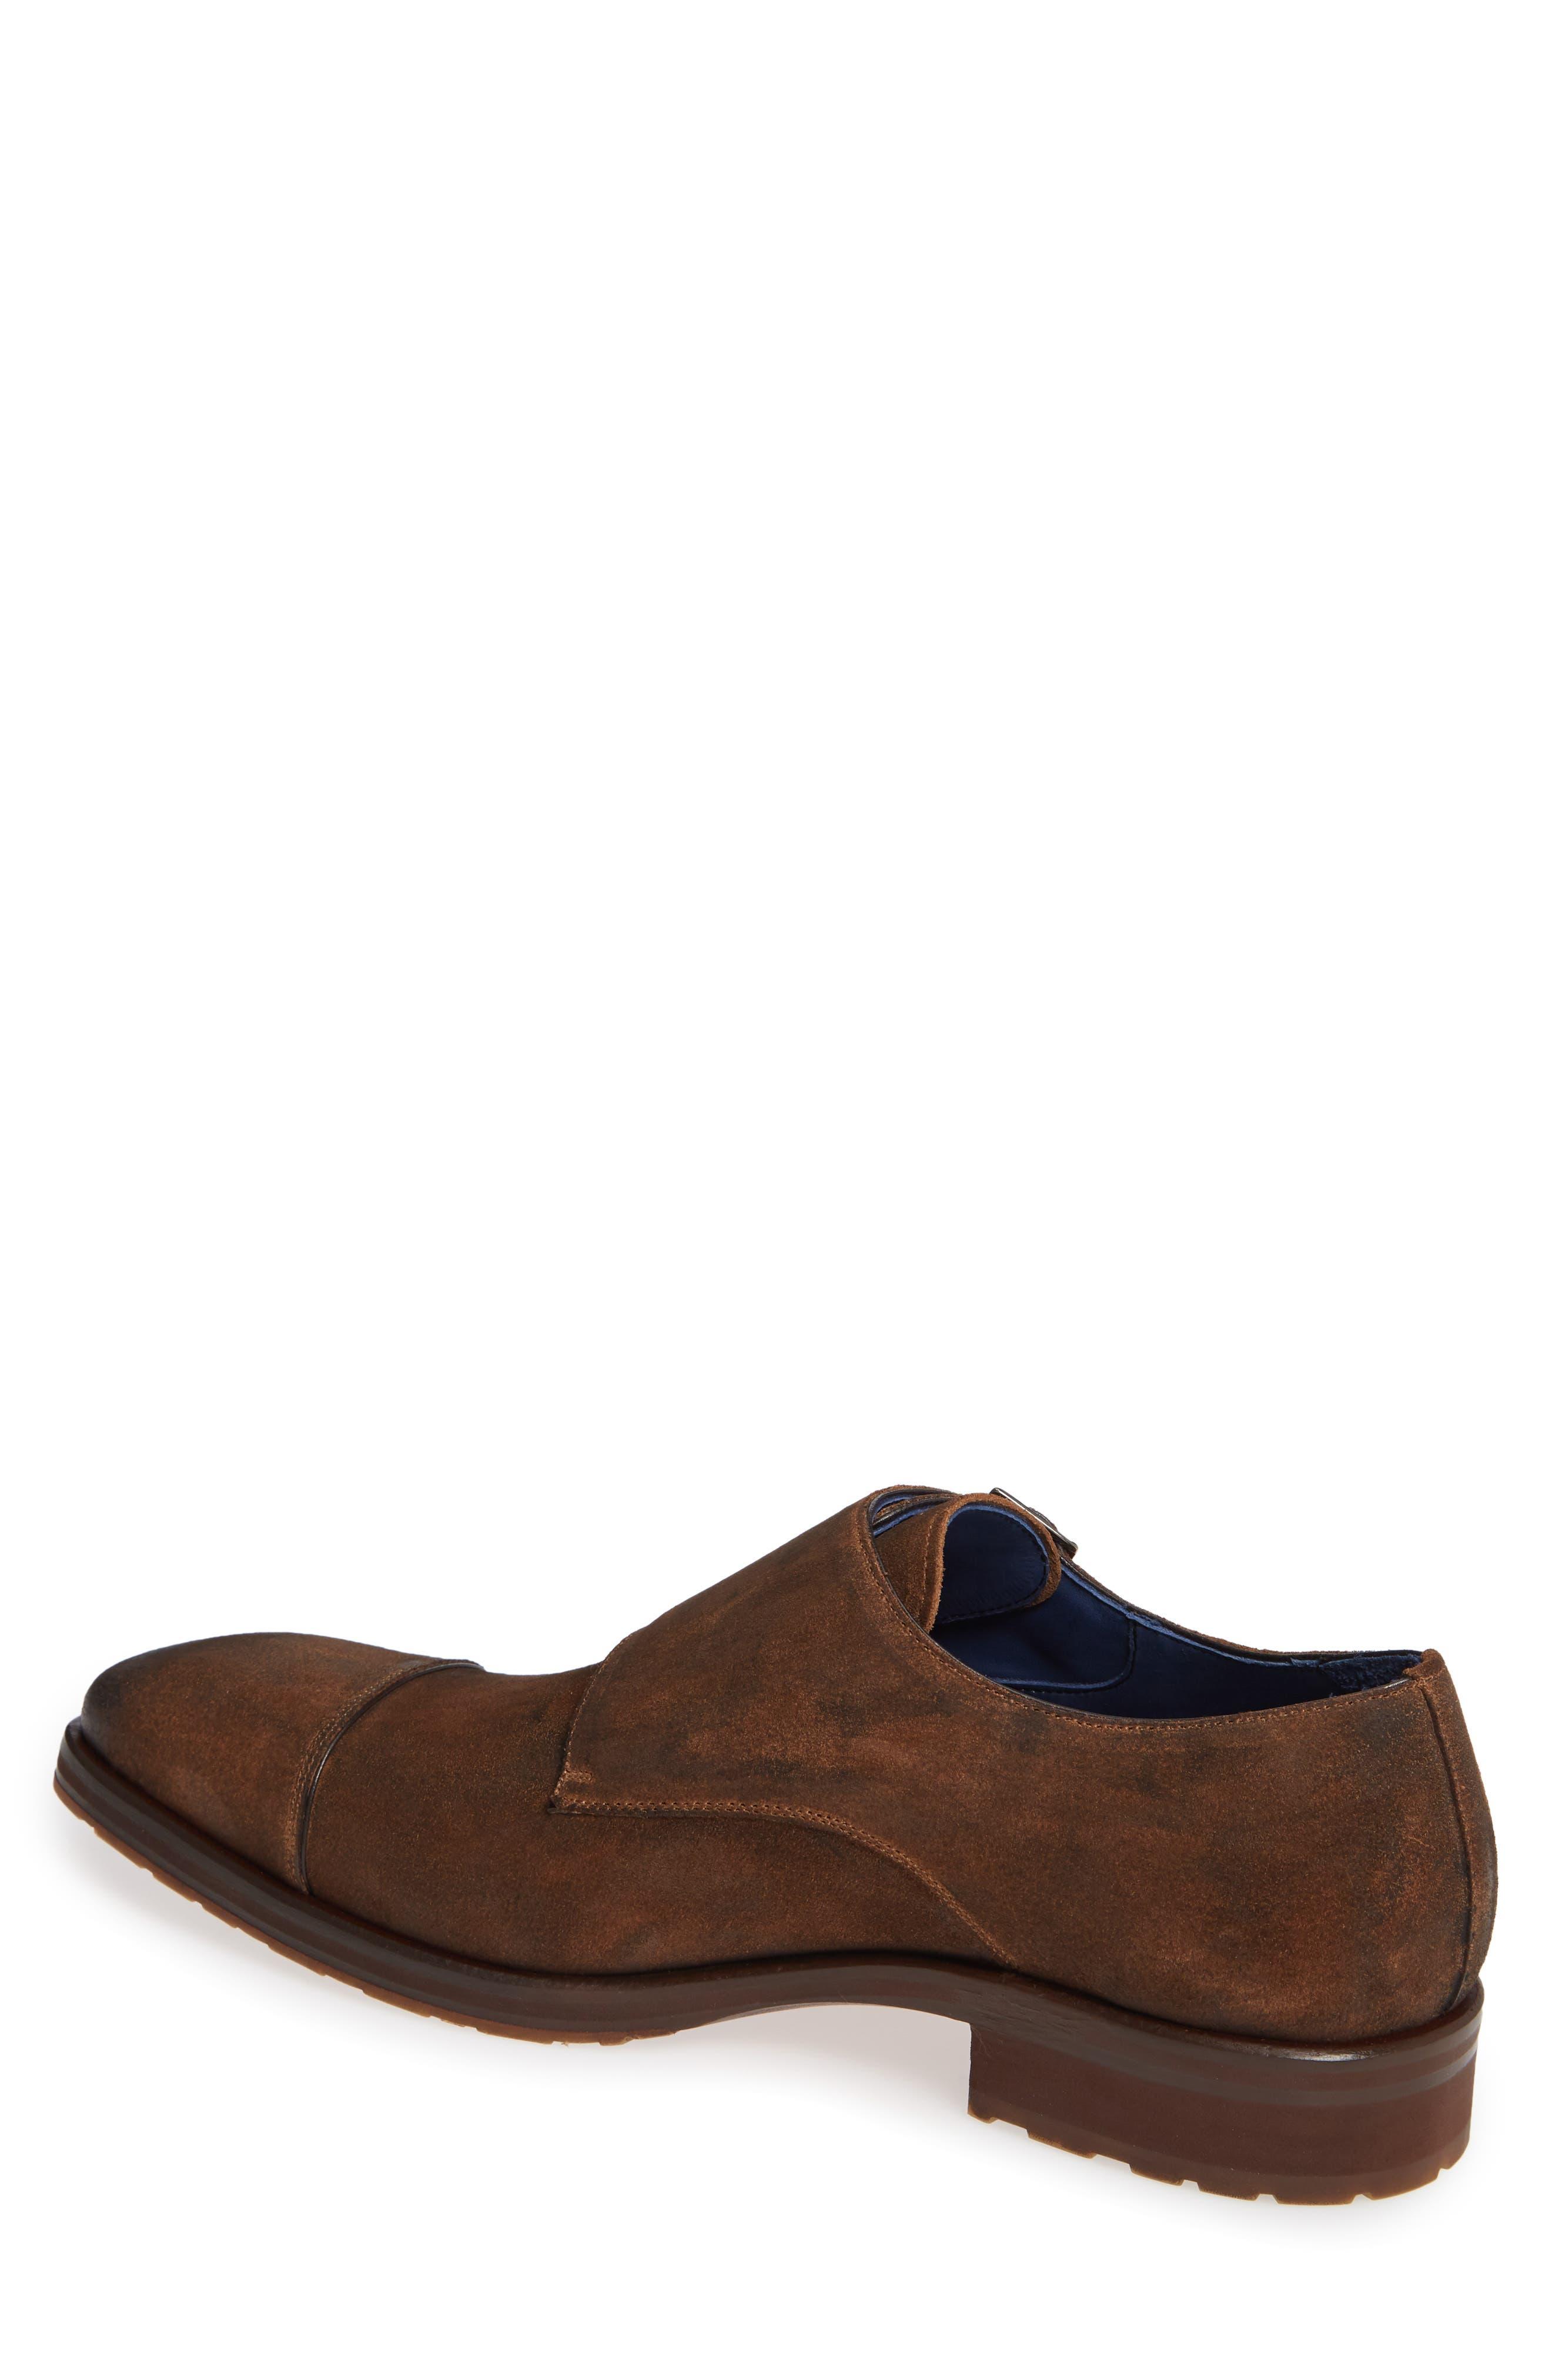 Miguel Double Monk Strap Shoe,                             Alternate thumbnail 2, color,                             TAN SUEDE